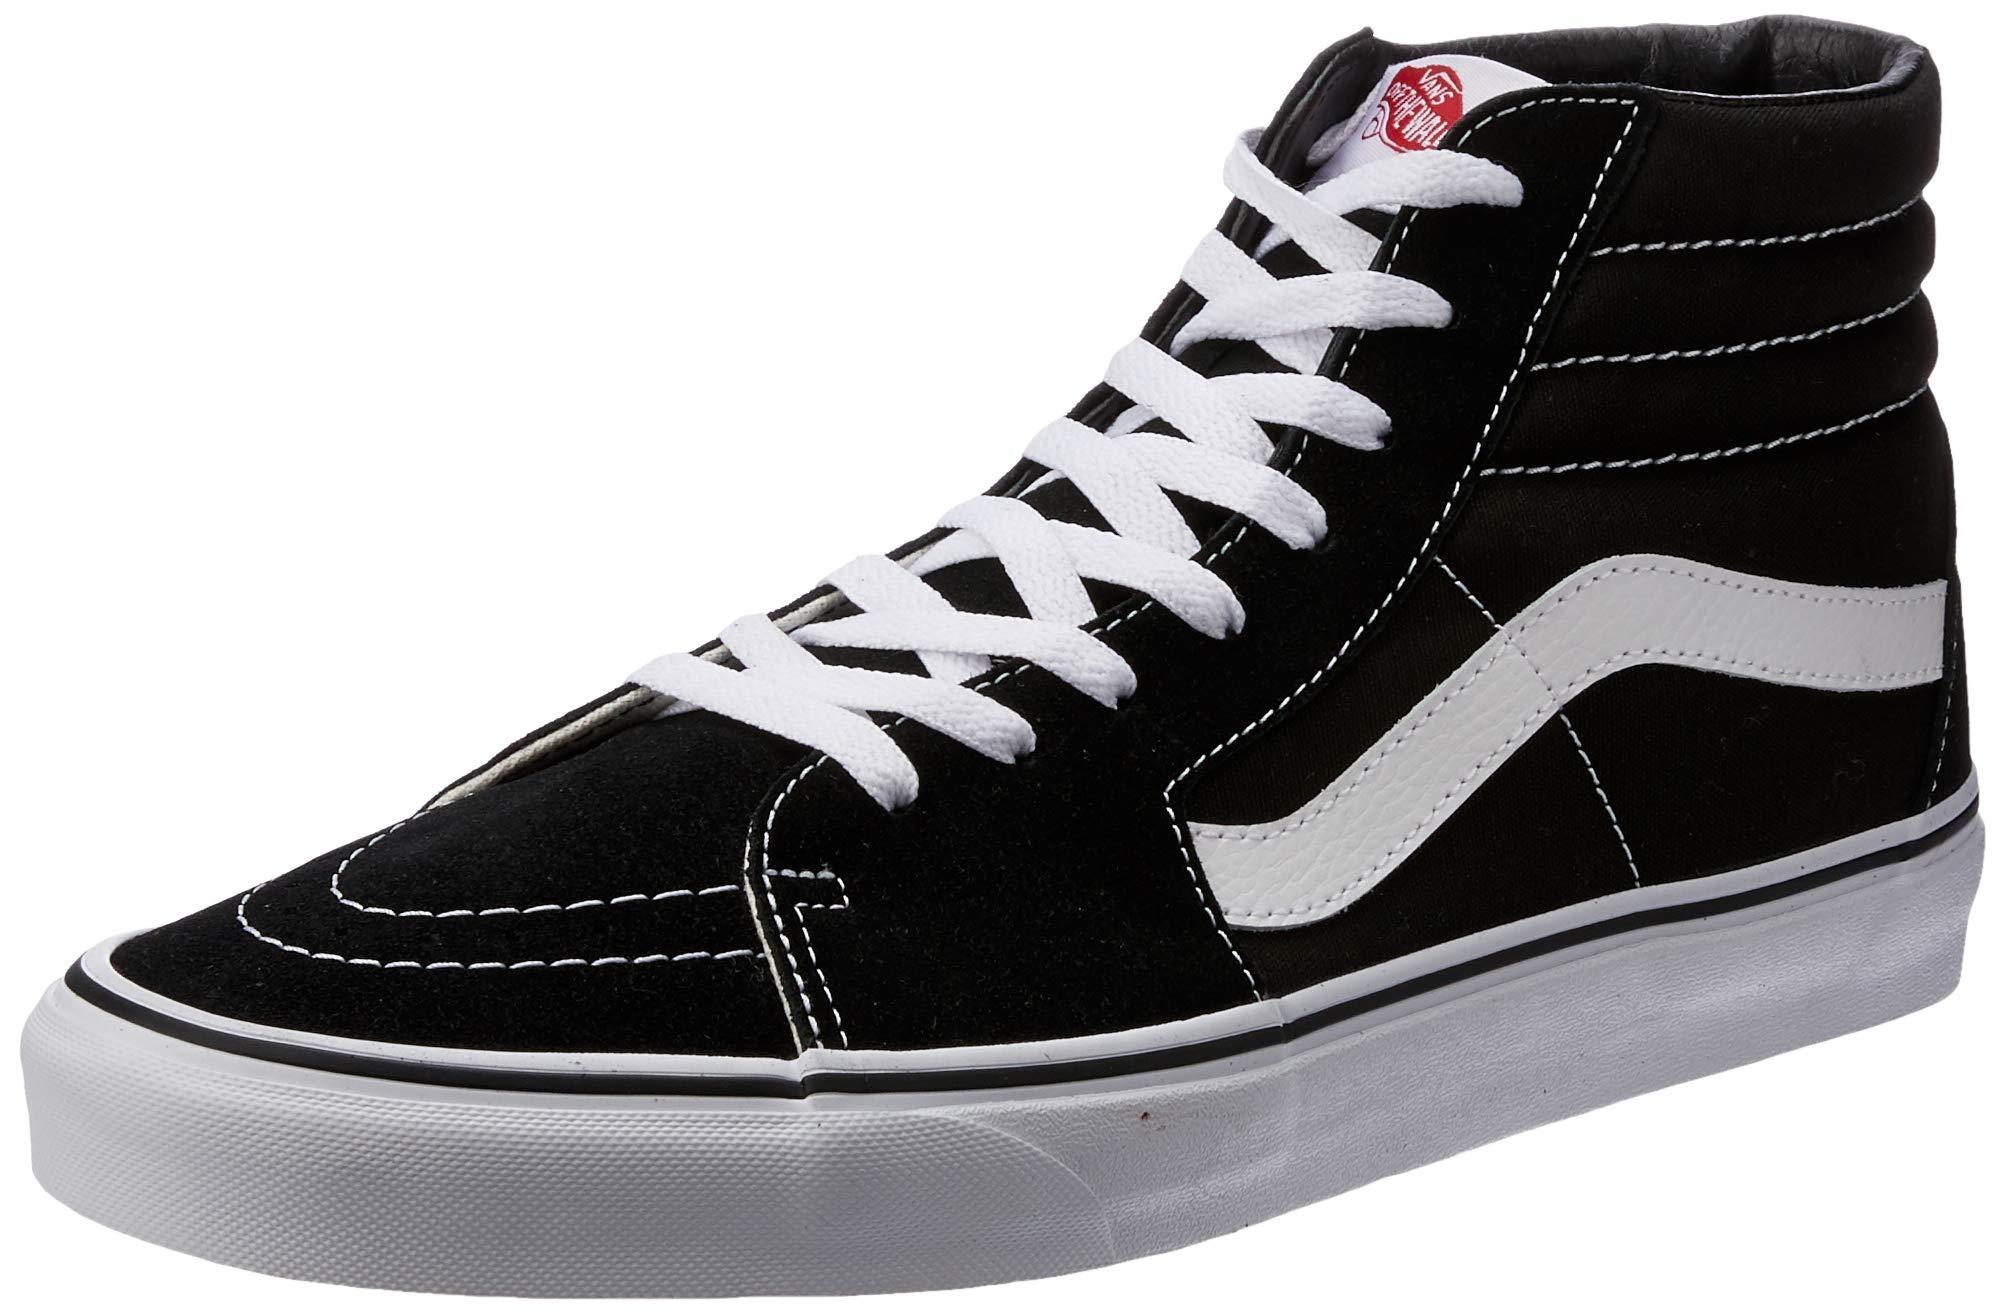 Vans Sk8-Hi Unisex Casual High-Top Skate Shoes Black/White by Vans